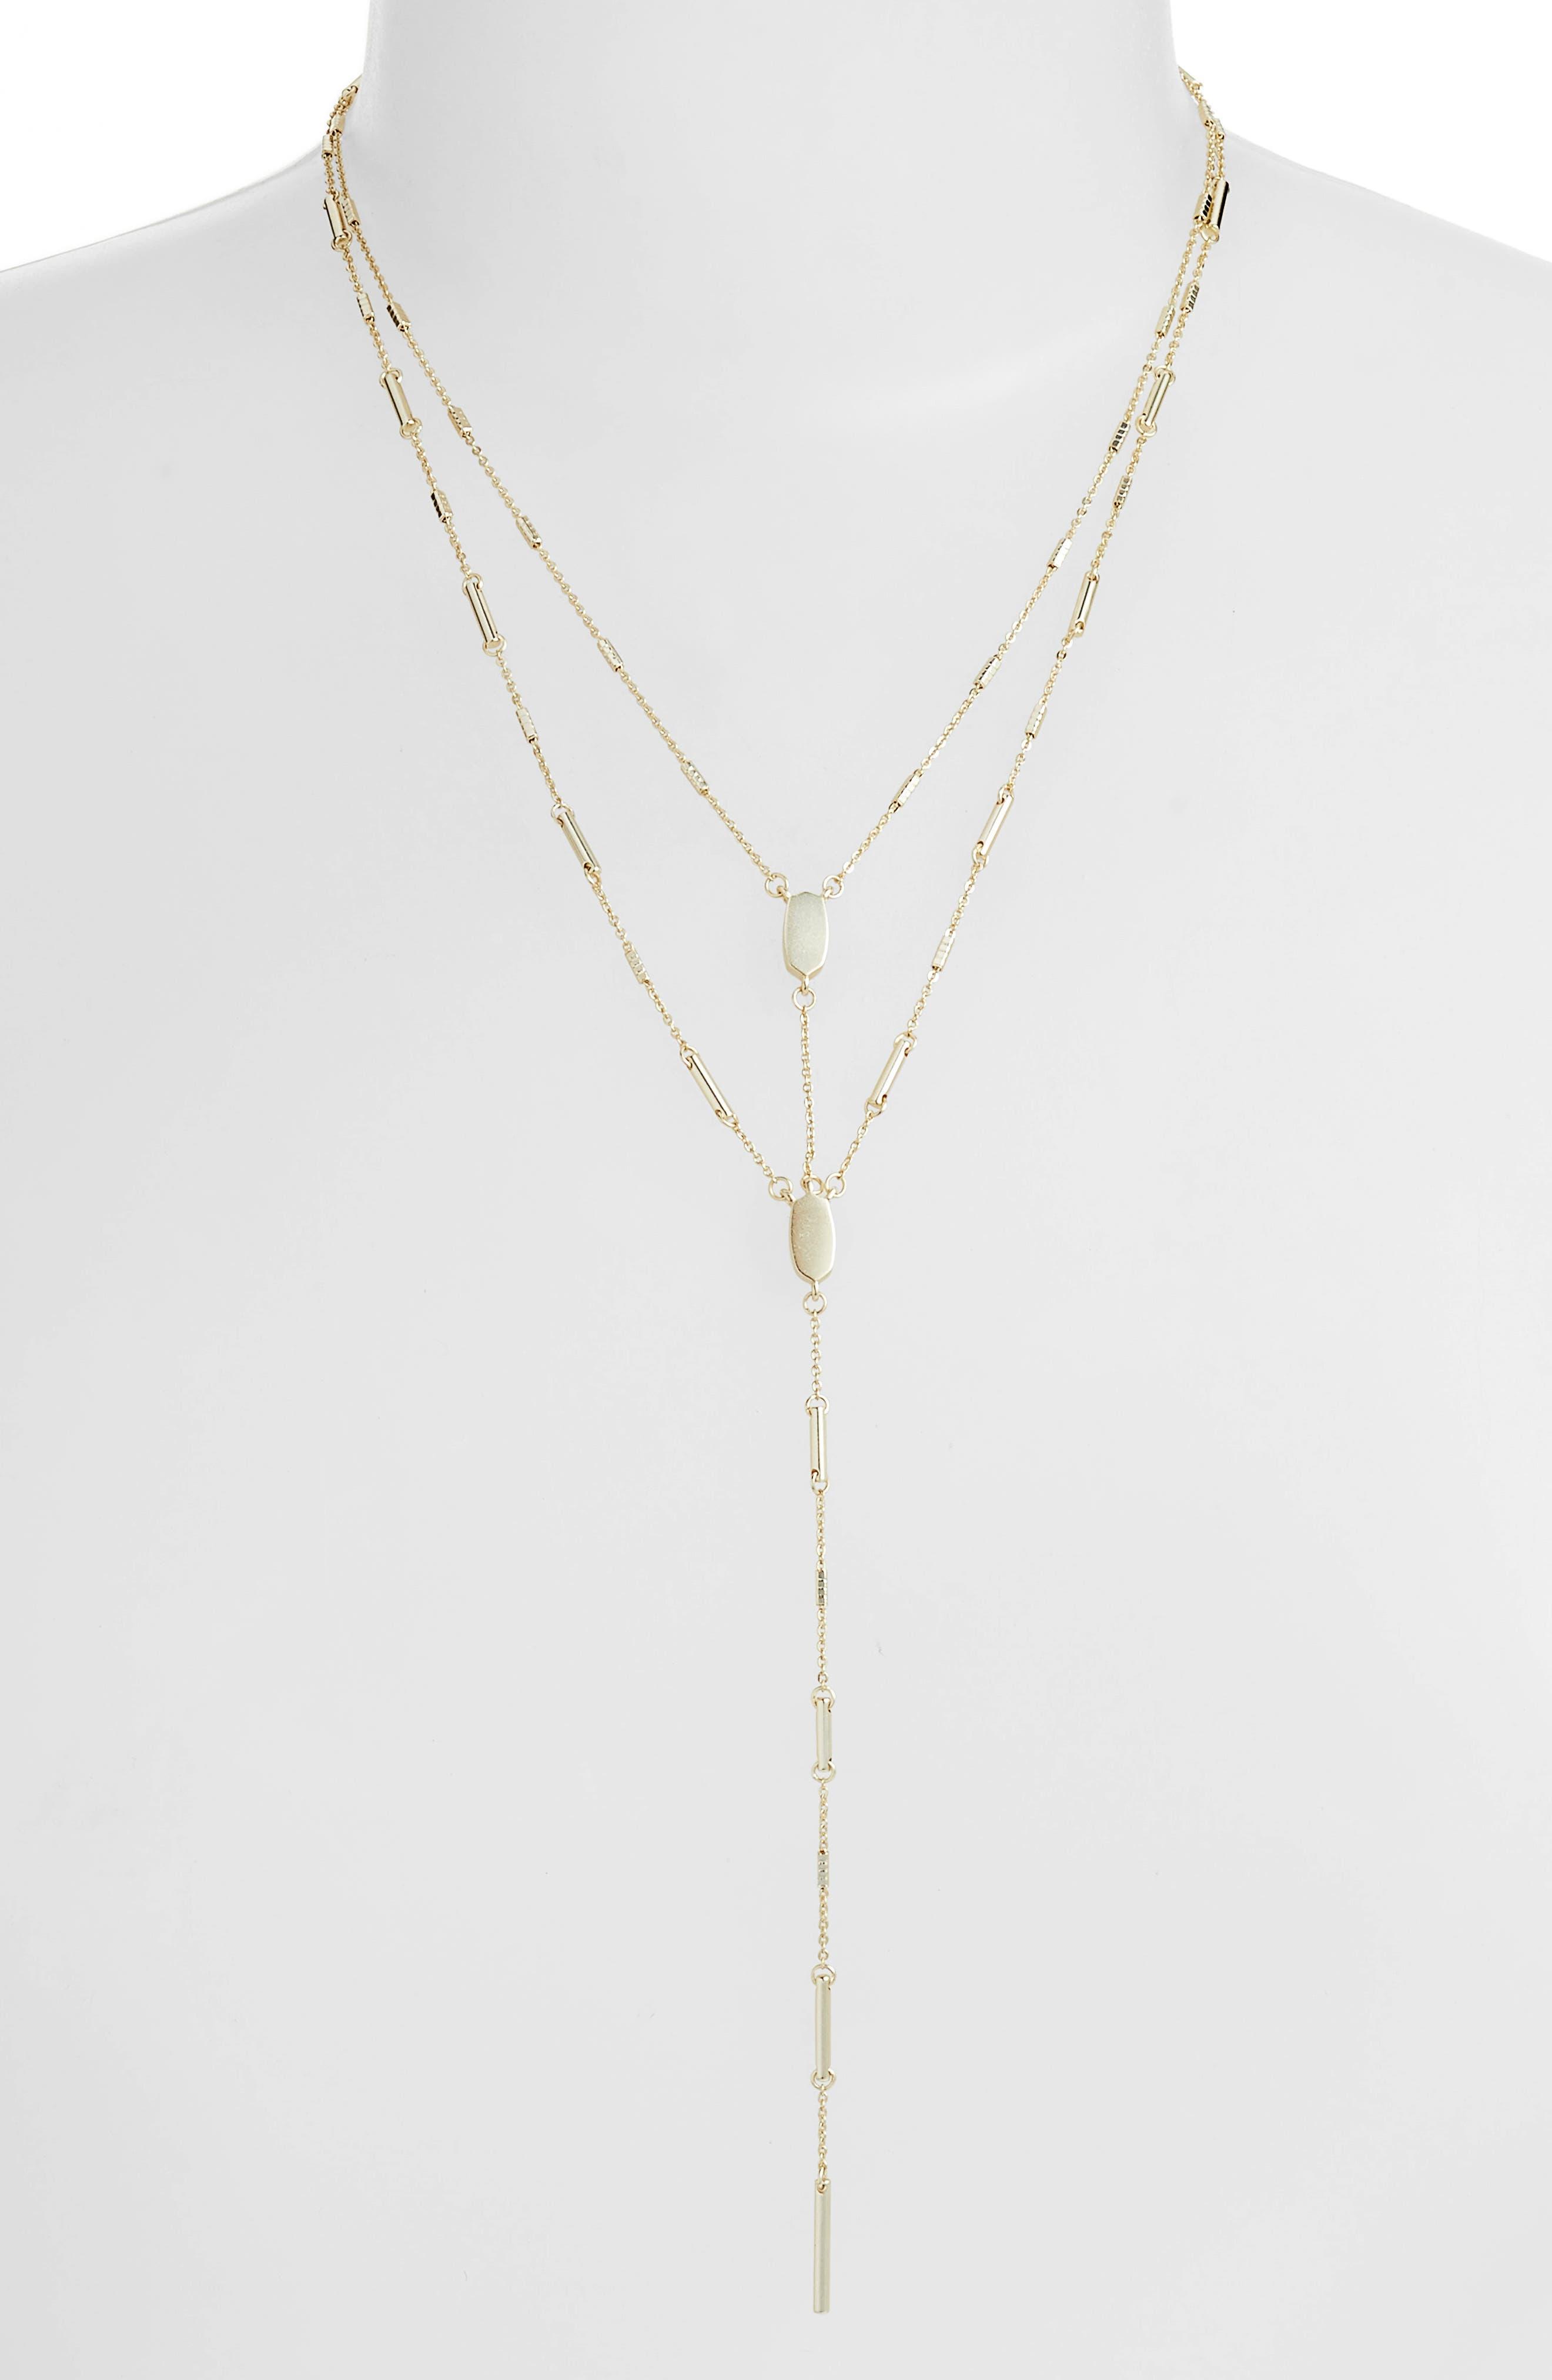 Adelia Multistrand Y-Necklace,                         Main,                         color, GOLD